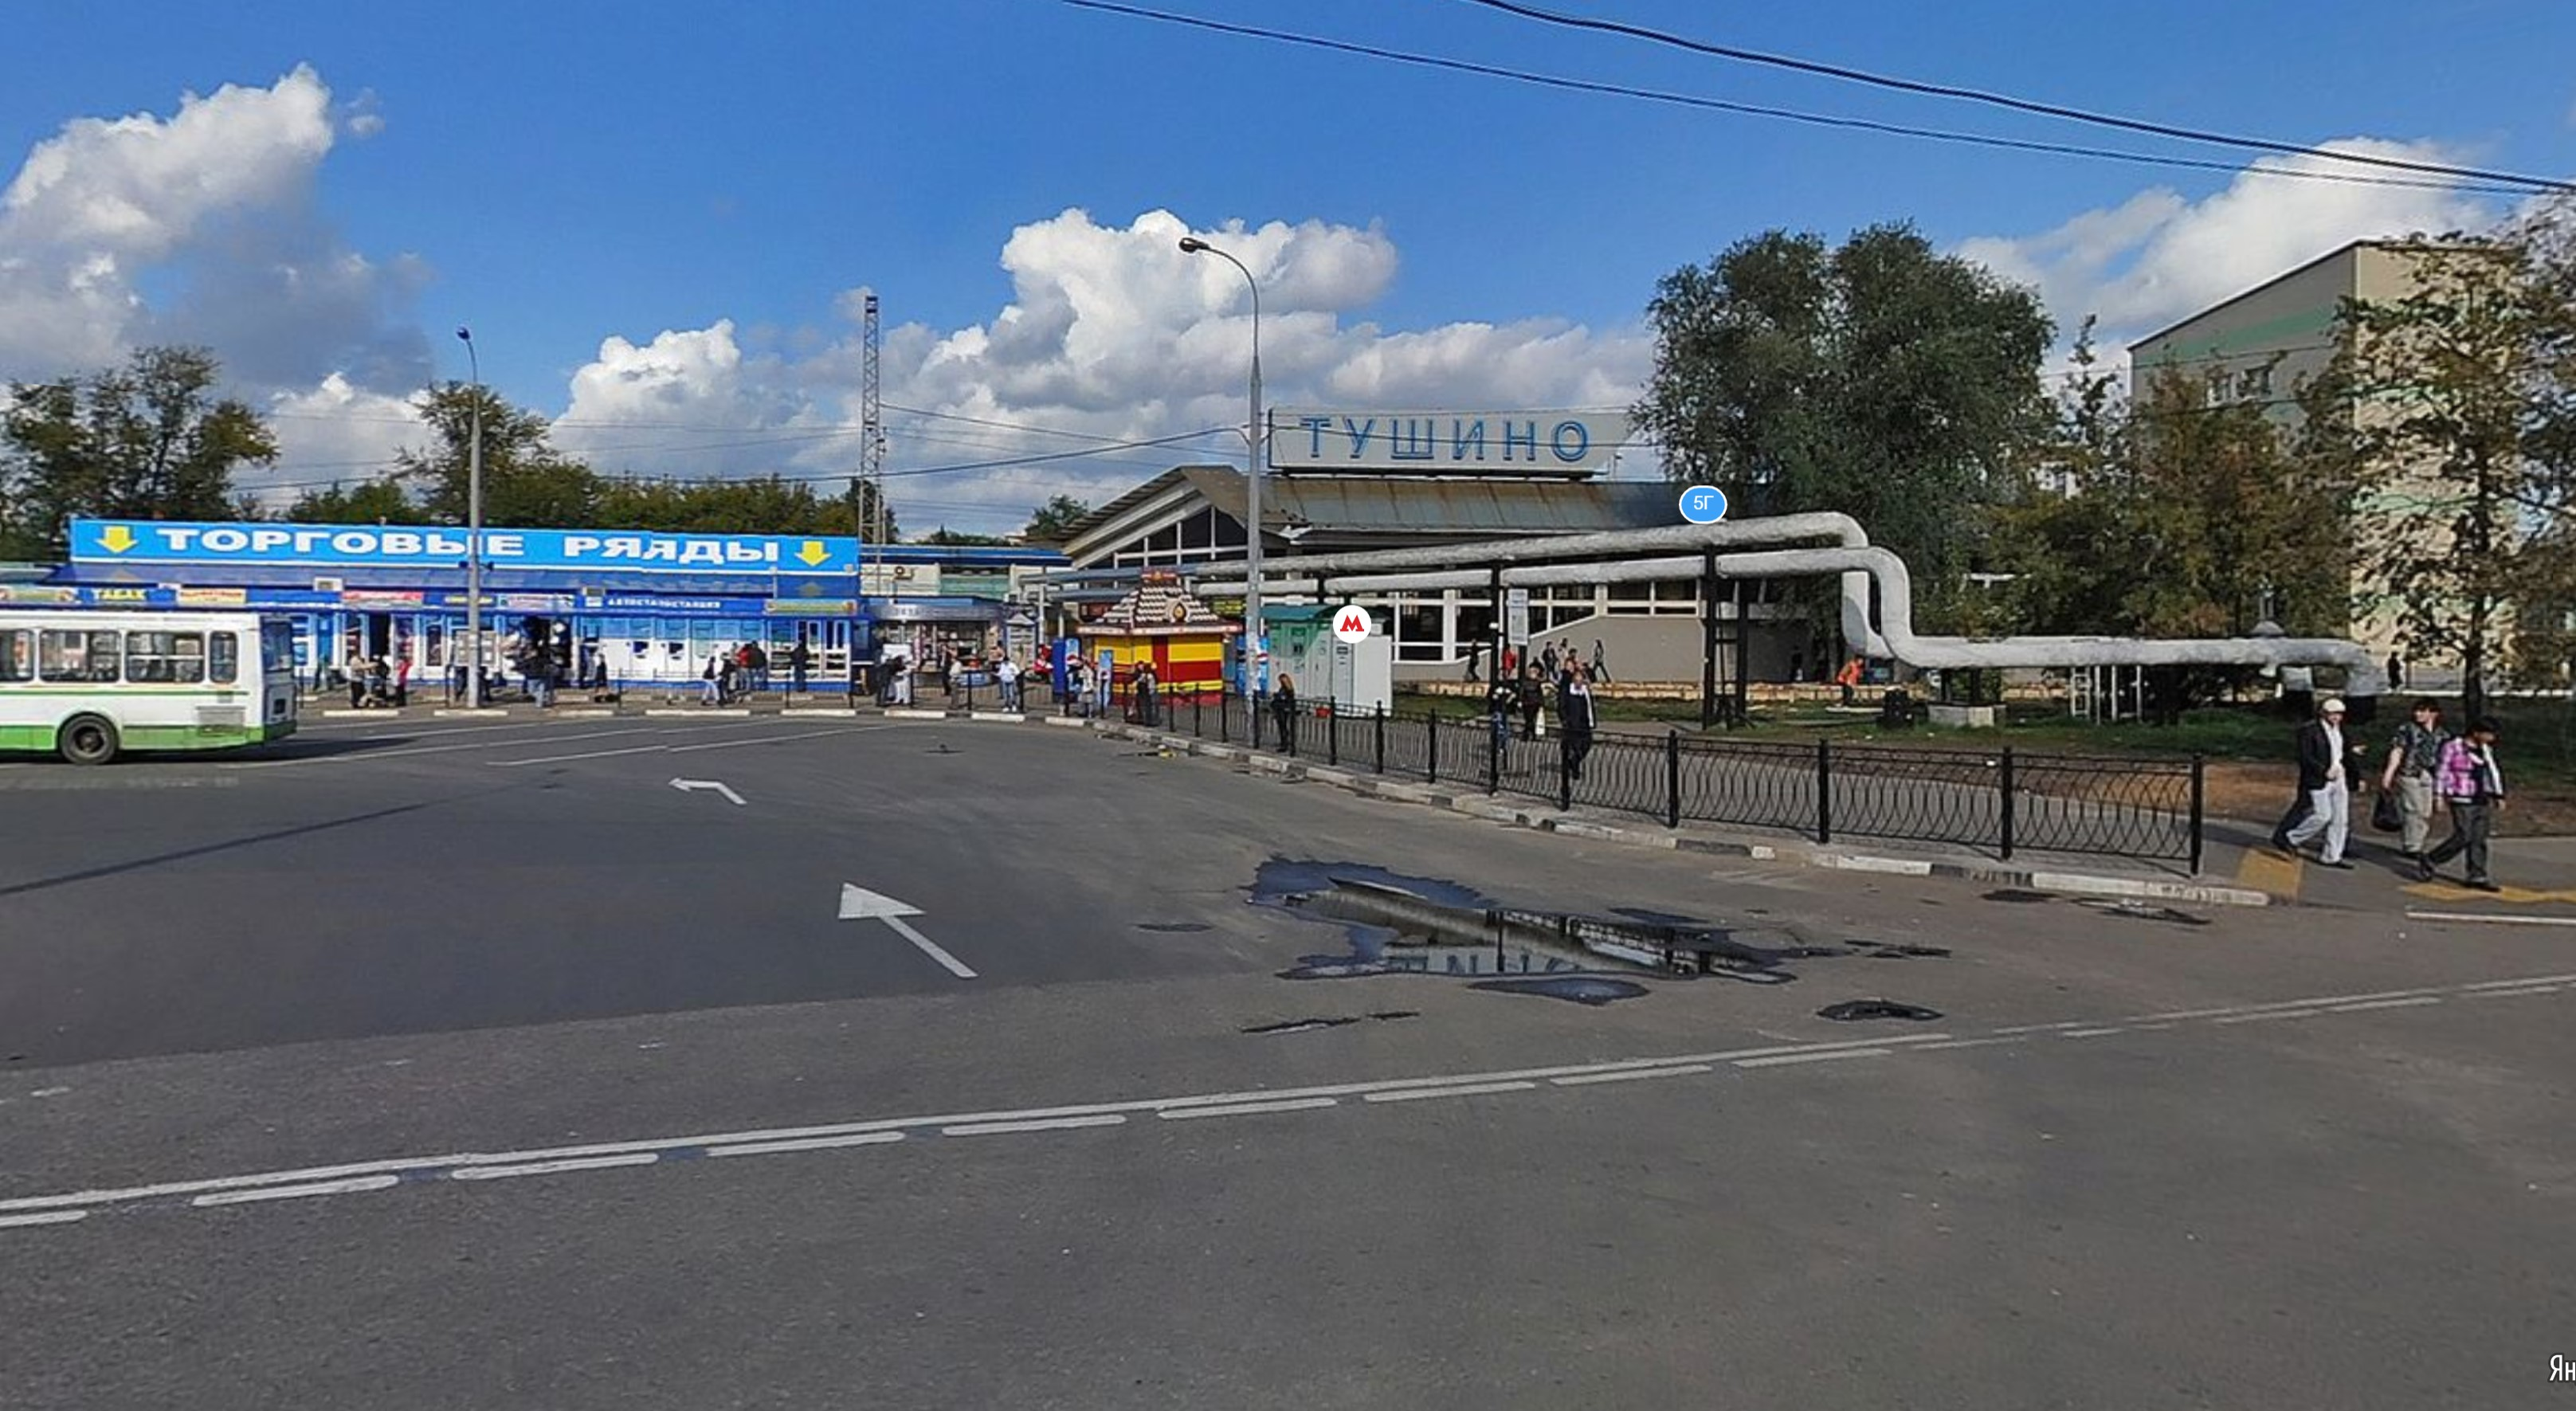 Тушино 2011.jpg